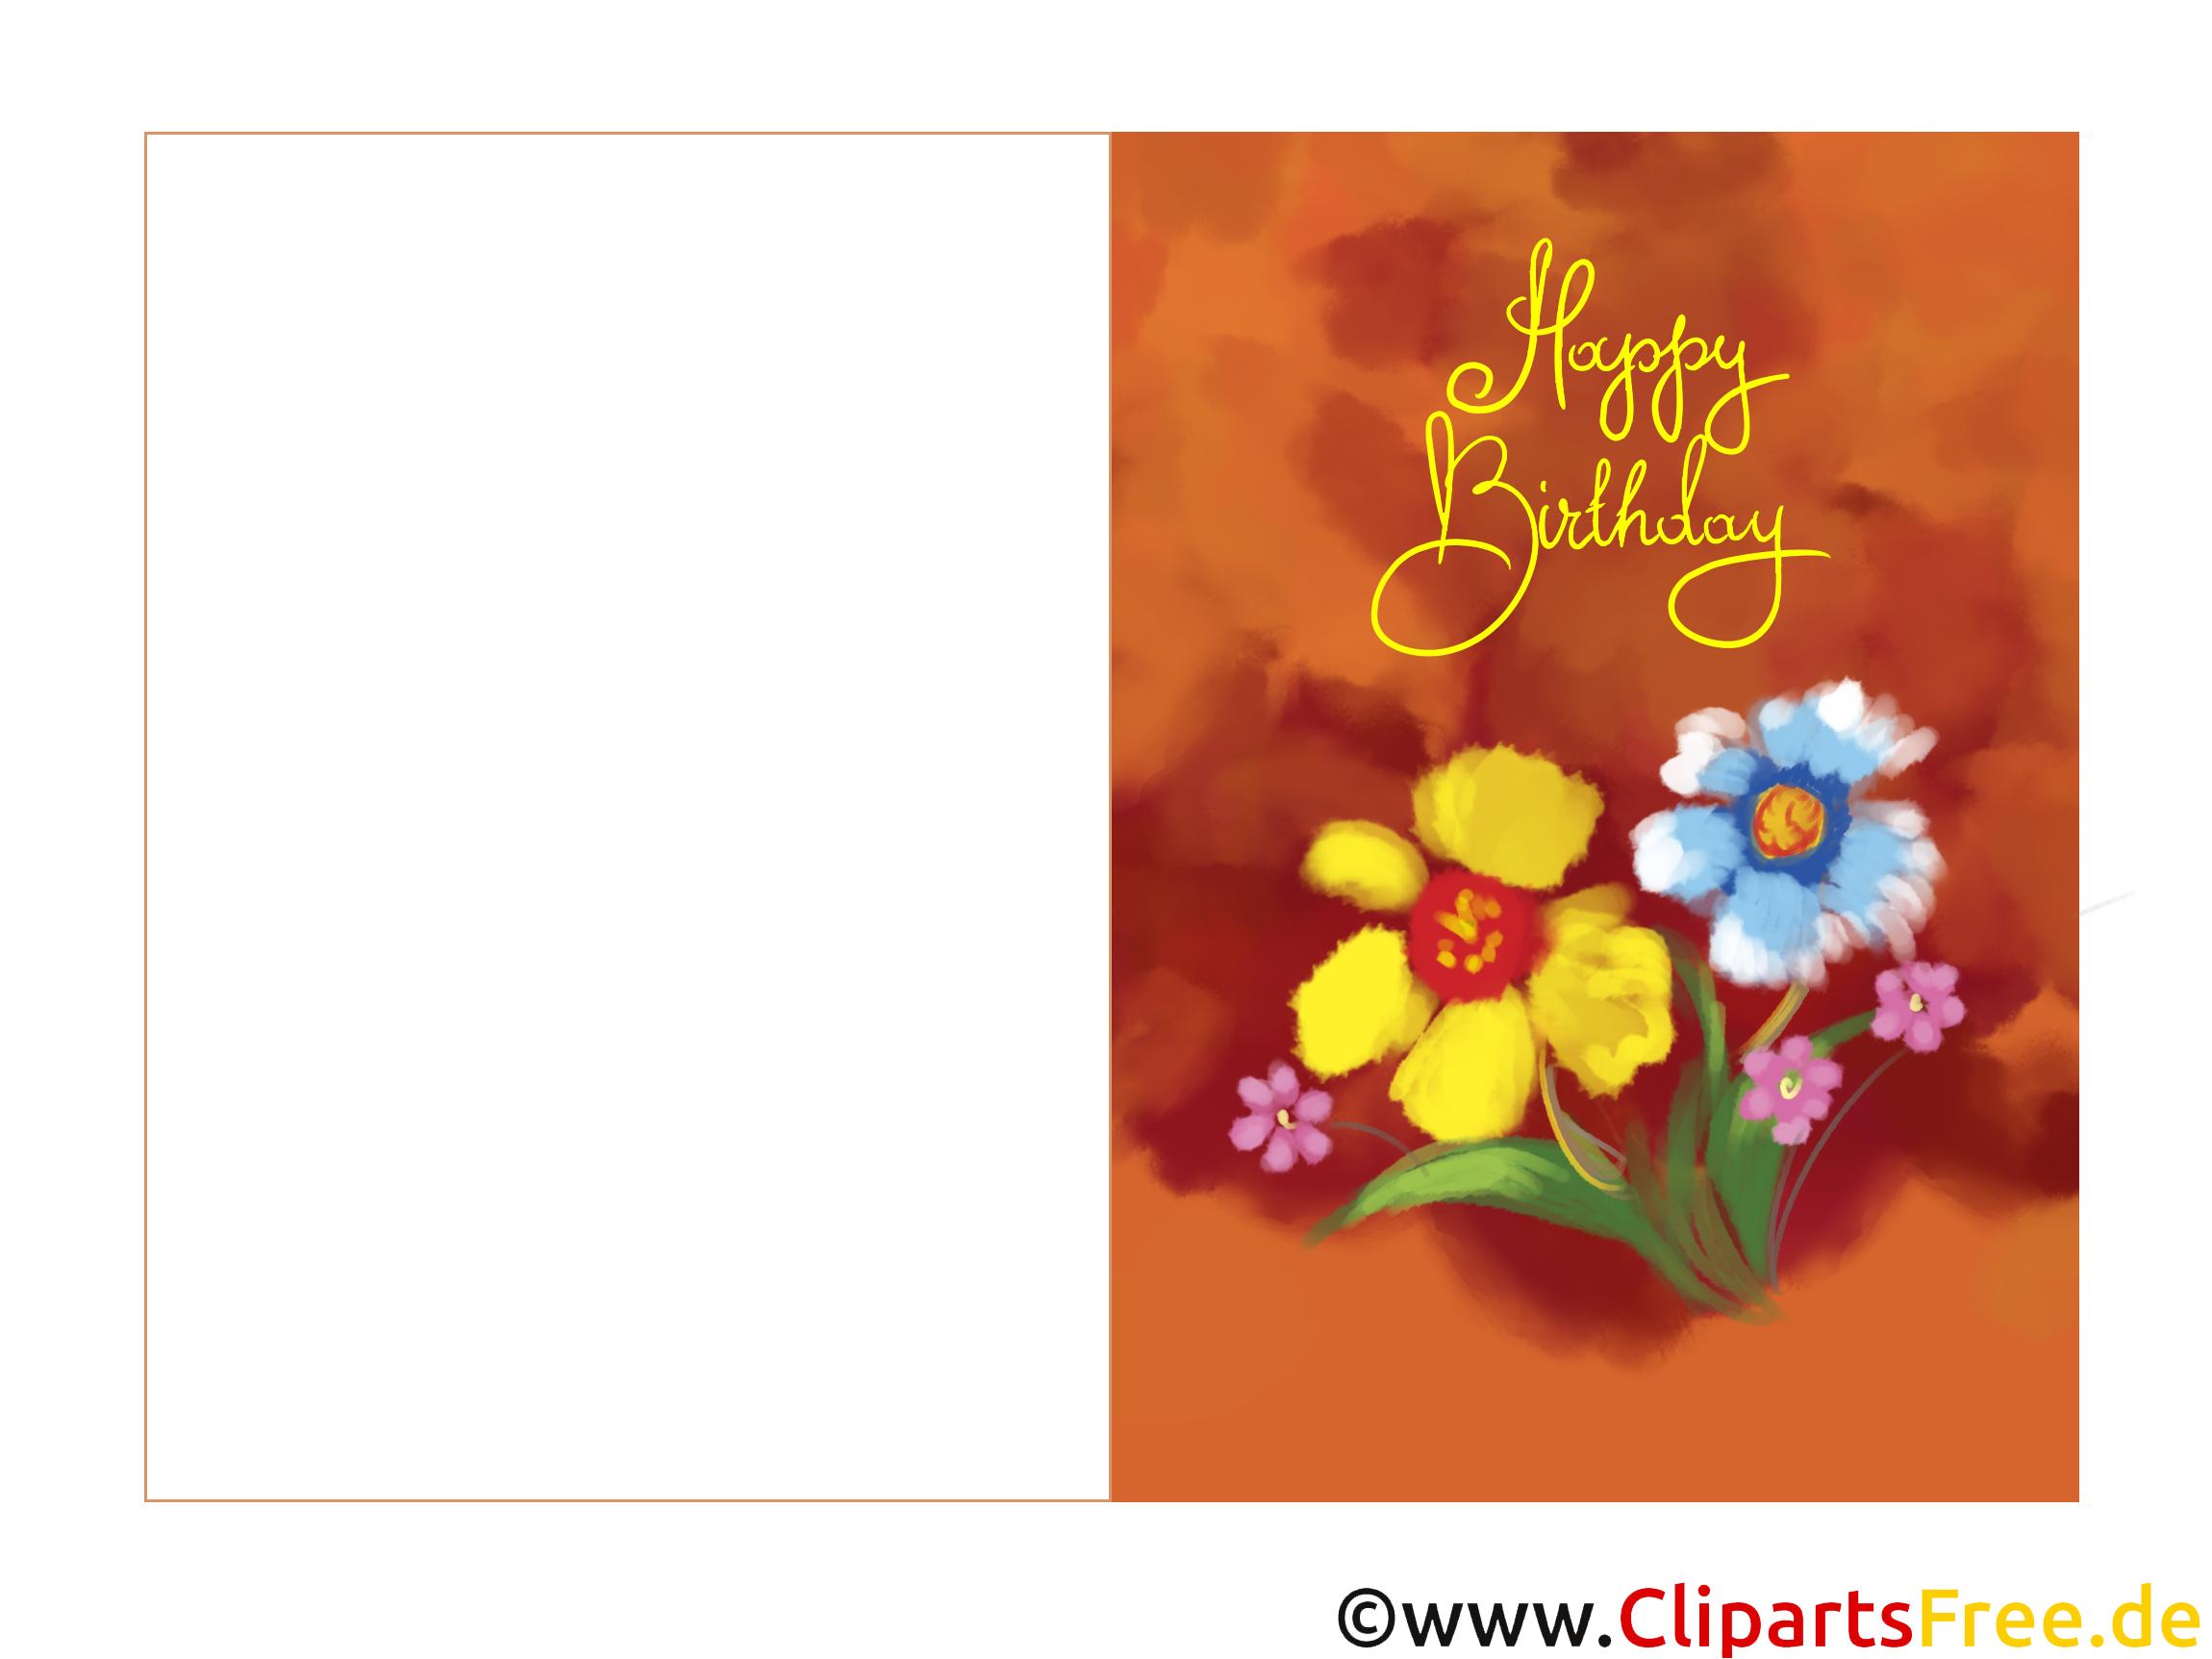 Elektronische Geburtstagskarte Kostenlos Zum Runterladen Und bestimmt für Kostenlose Geburtstagskarten